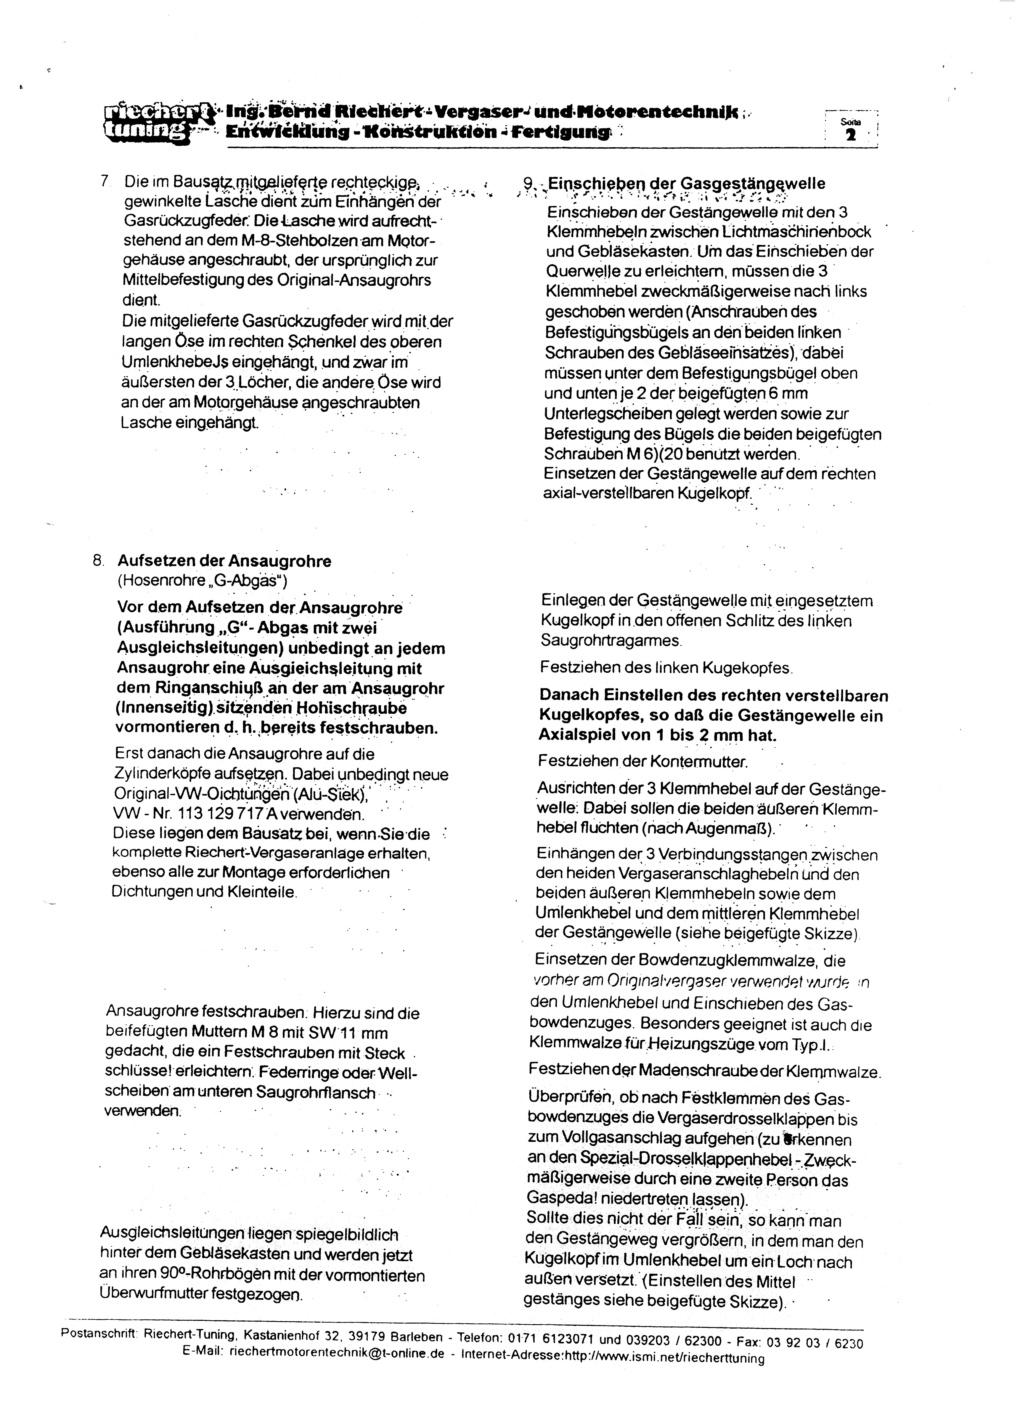 Documentation kit Riechert 2nd_pa10